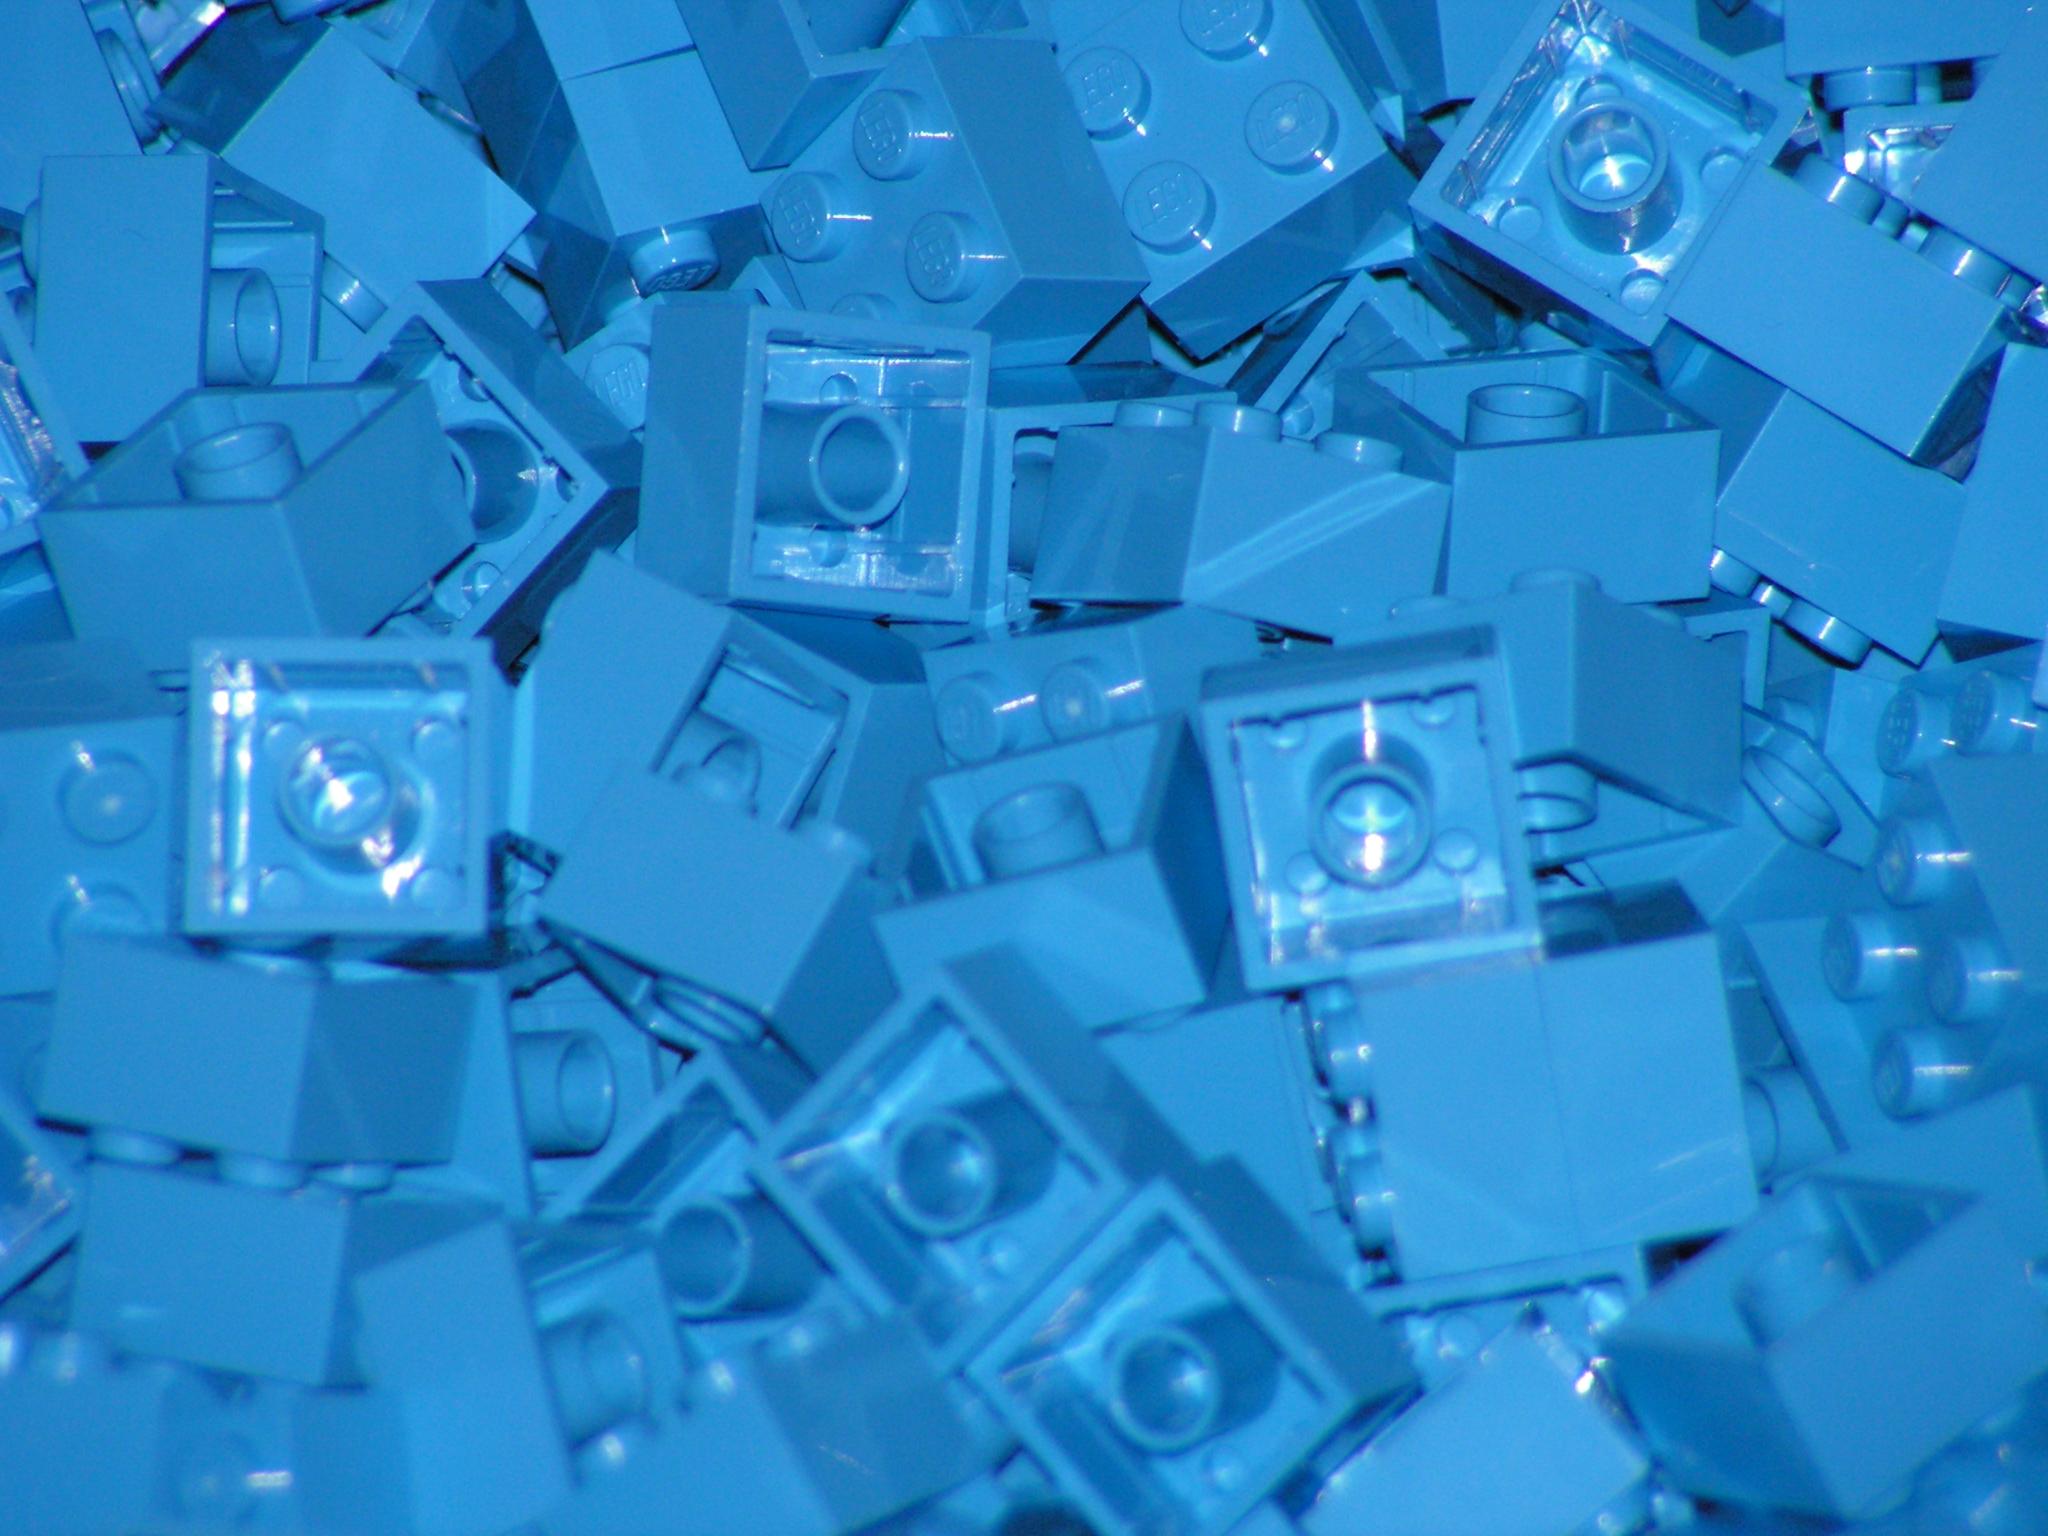 Joelhos calejados de LEGO